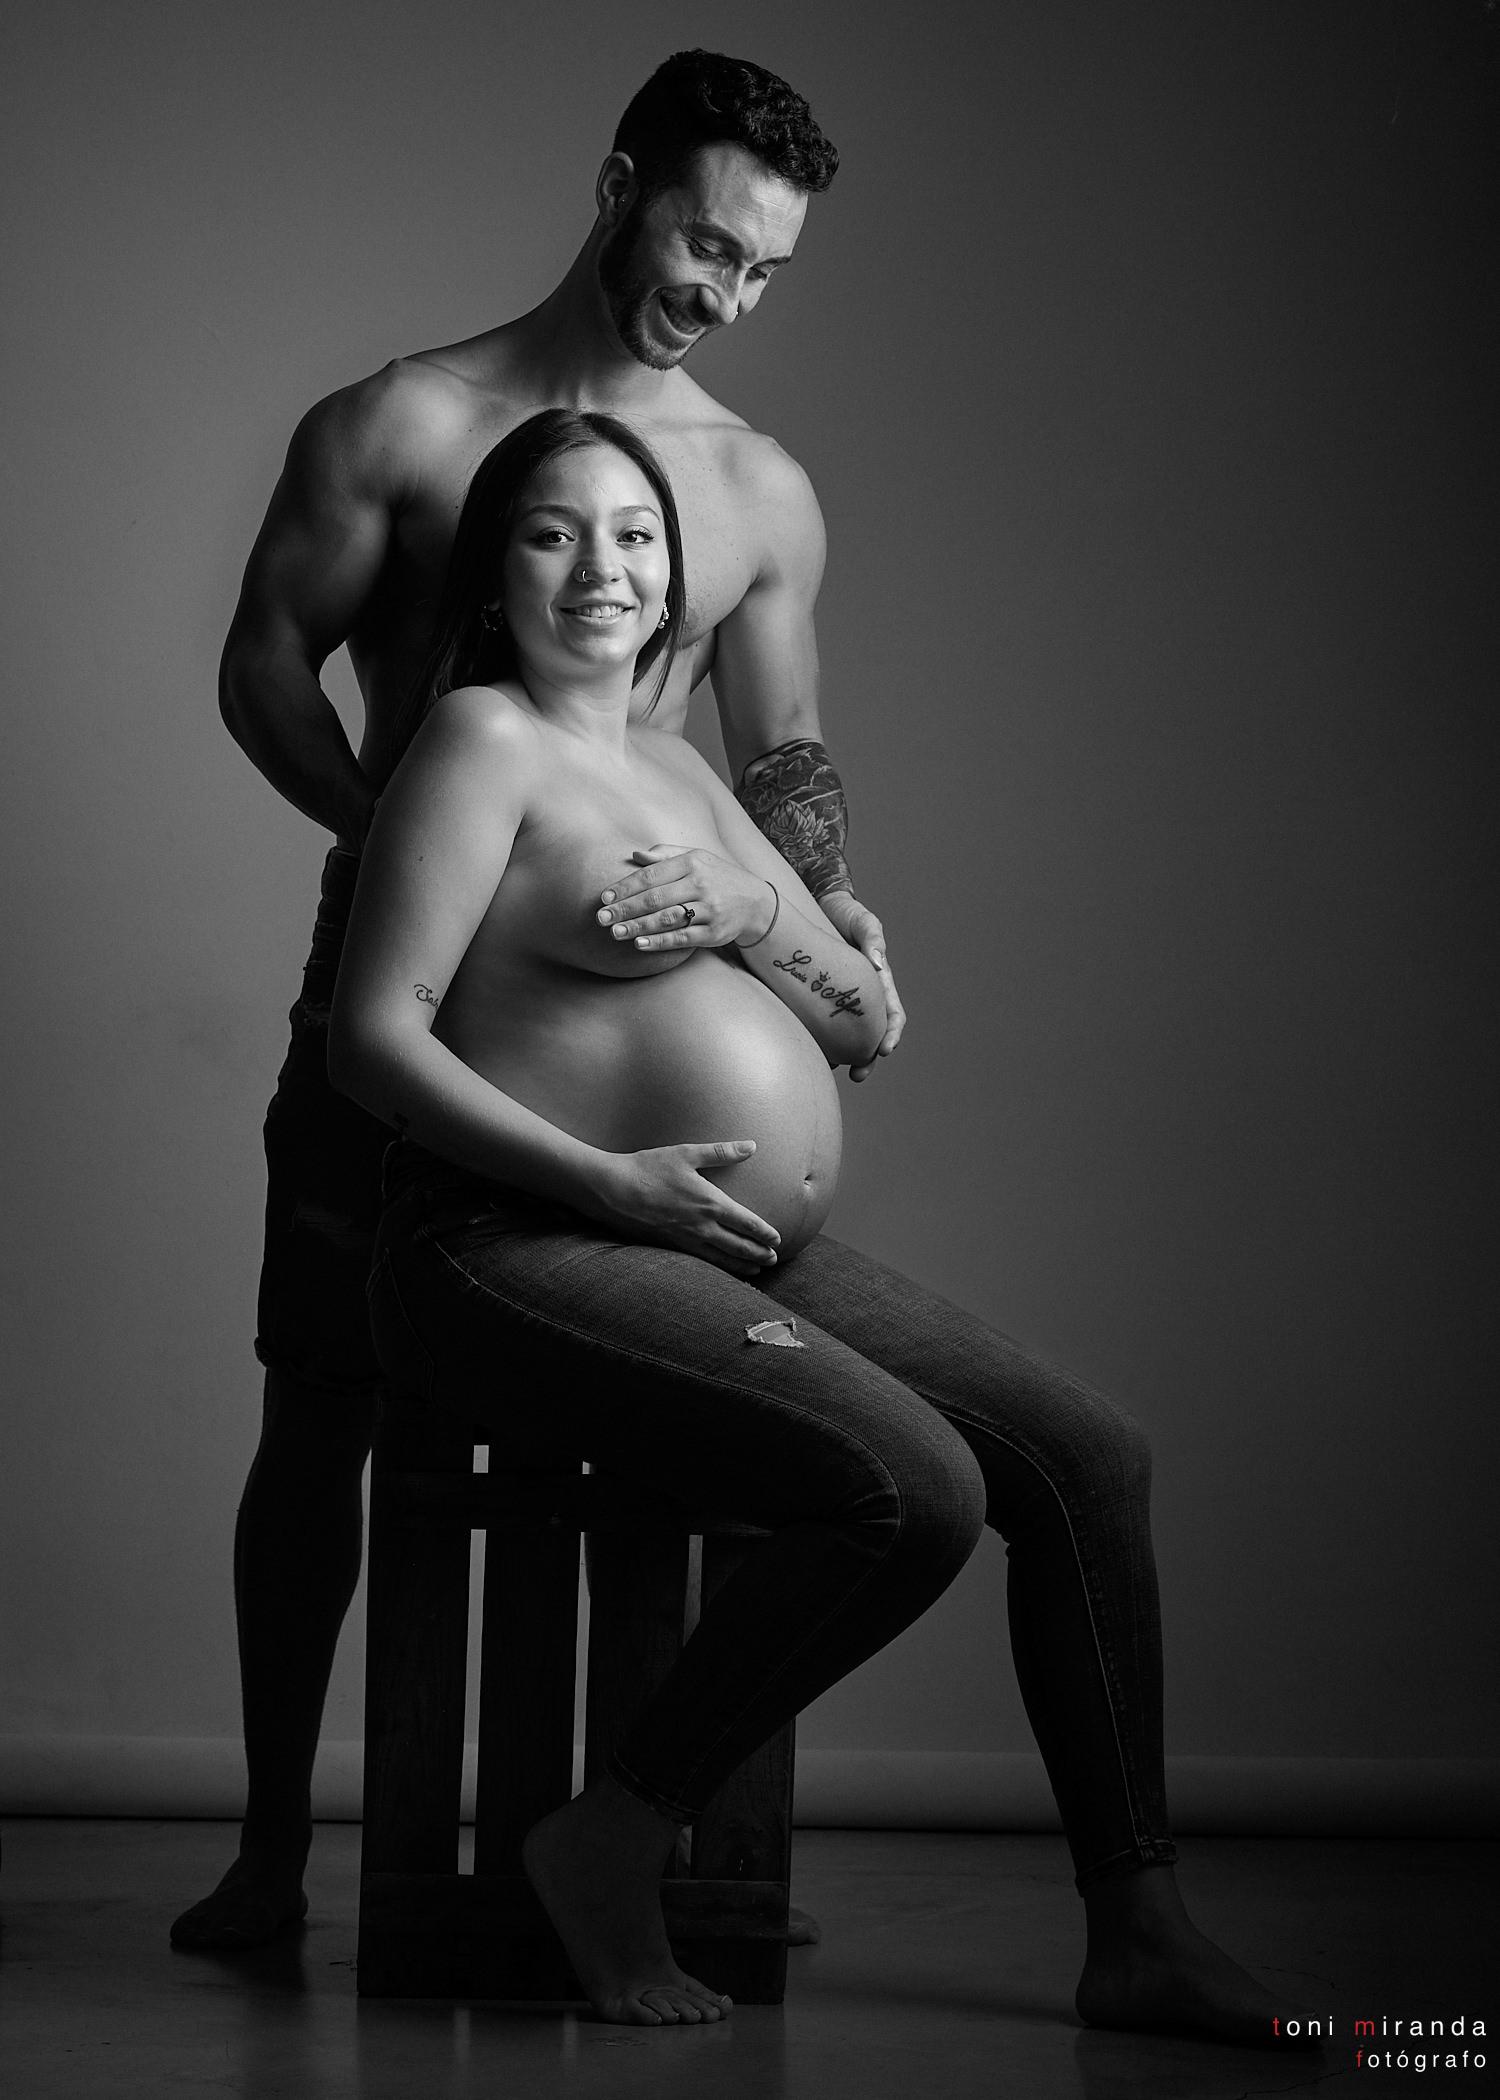 fotografía artistica blanco y negro desnudo embarazo